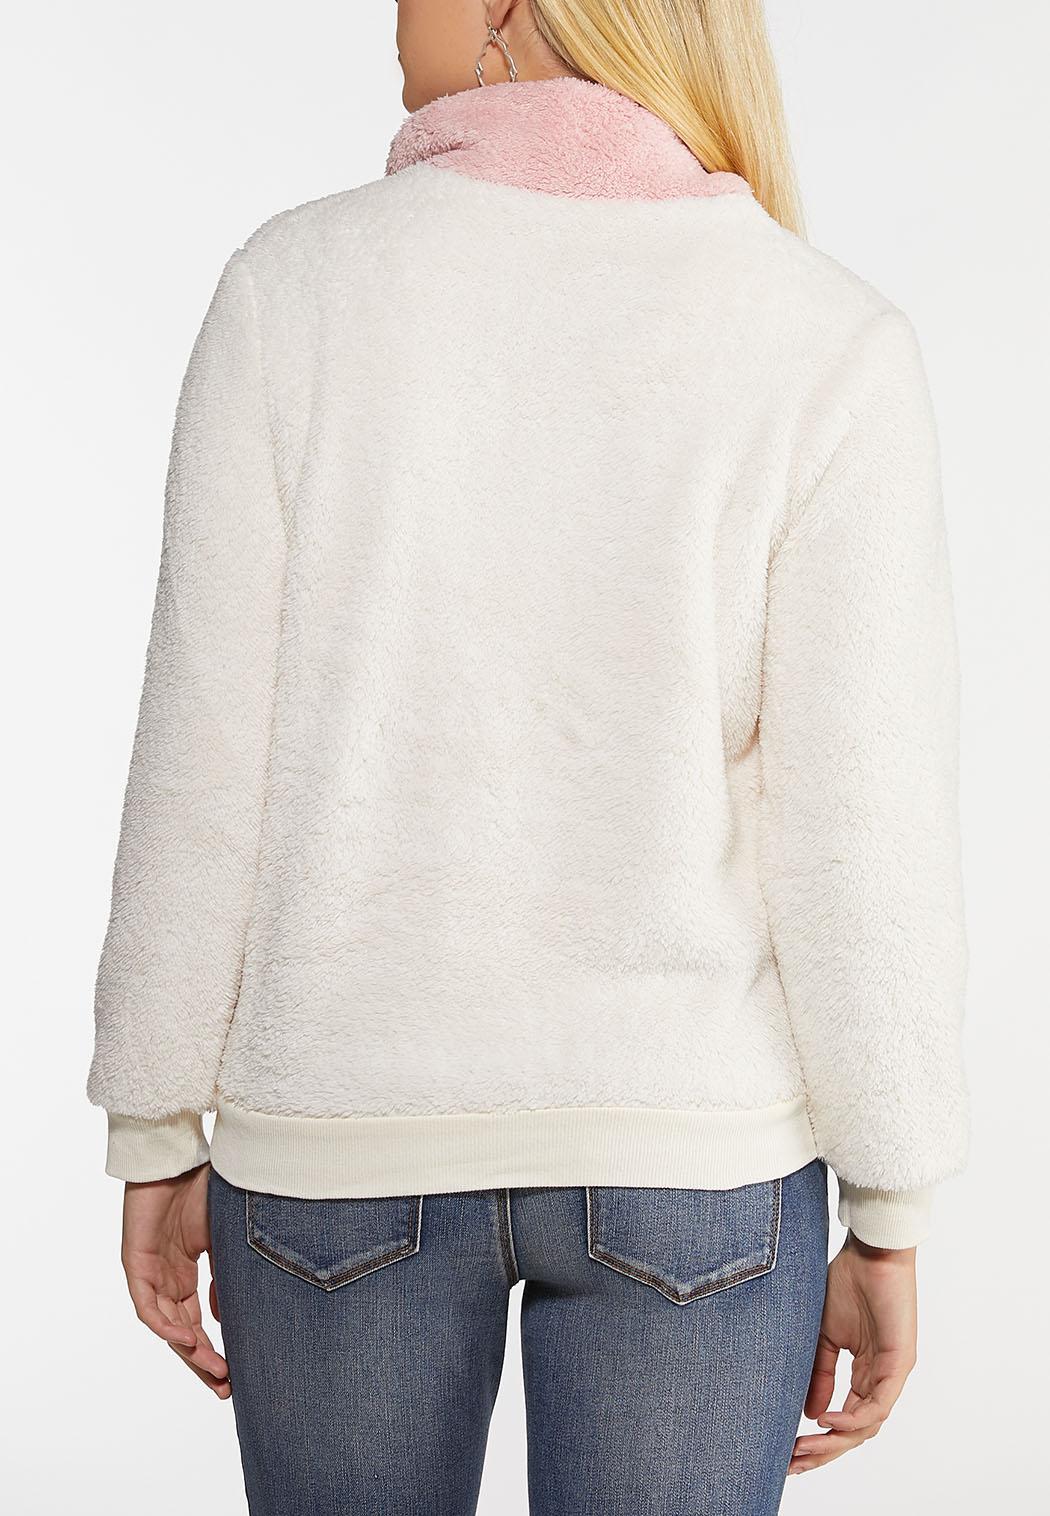 Plus Size Colorblock Zip Up Jacket (Item #44047656)